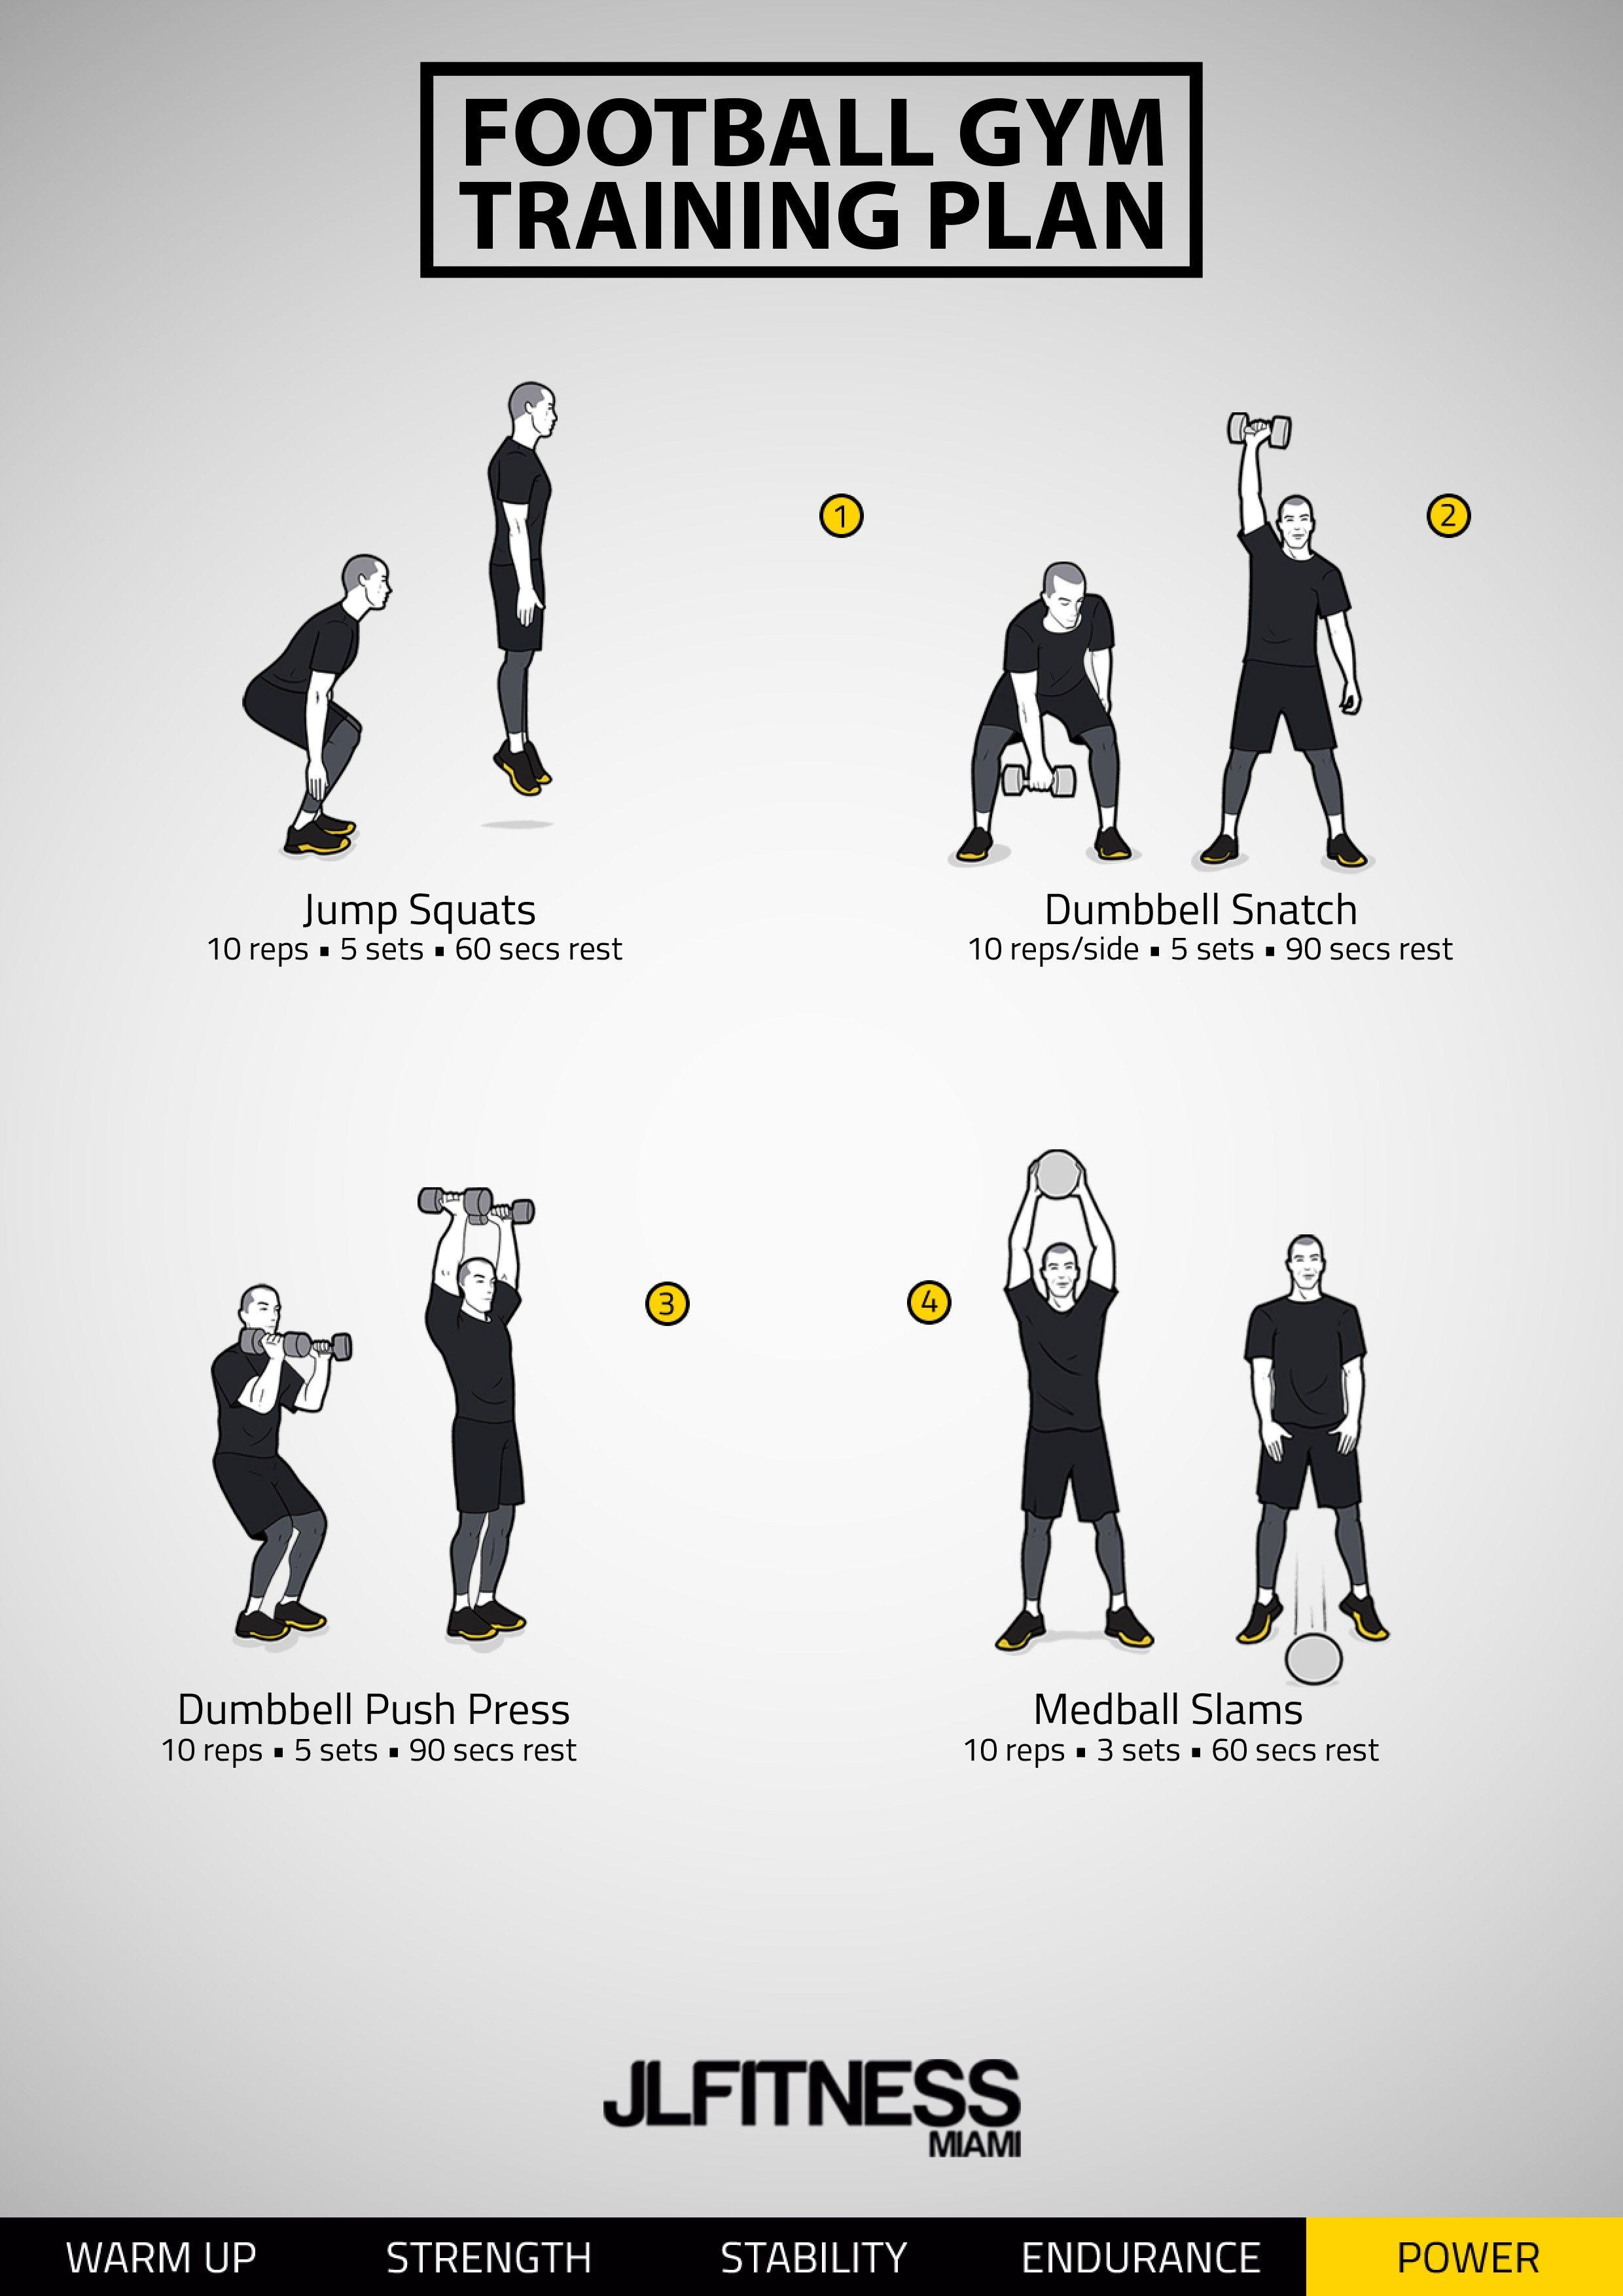 Football gym workout jlfitnessmiami football workouts